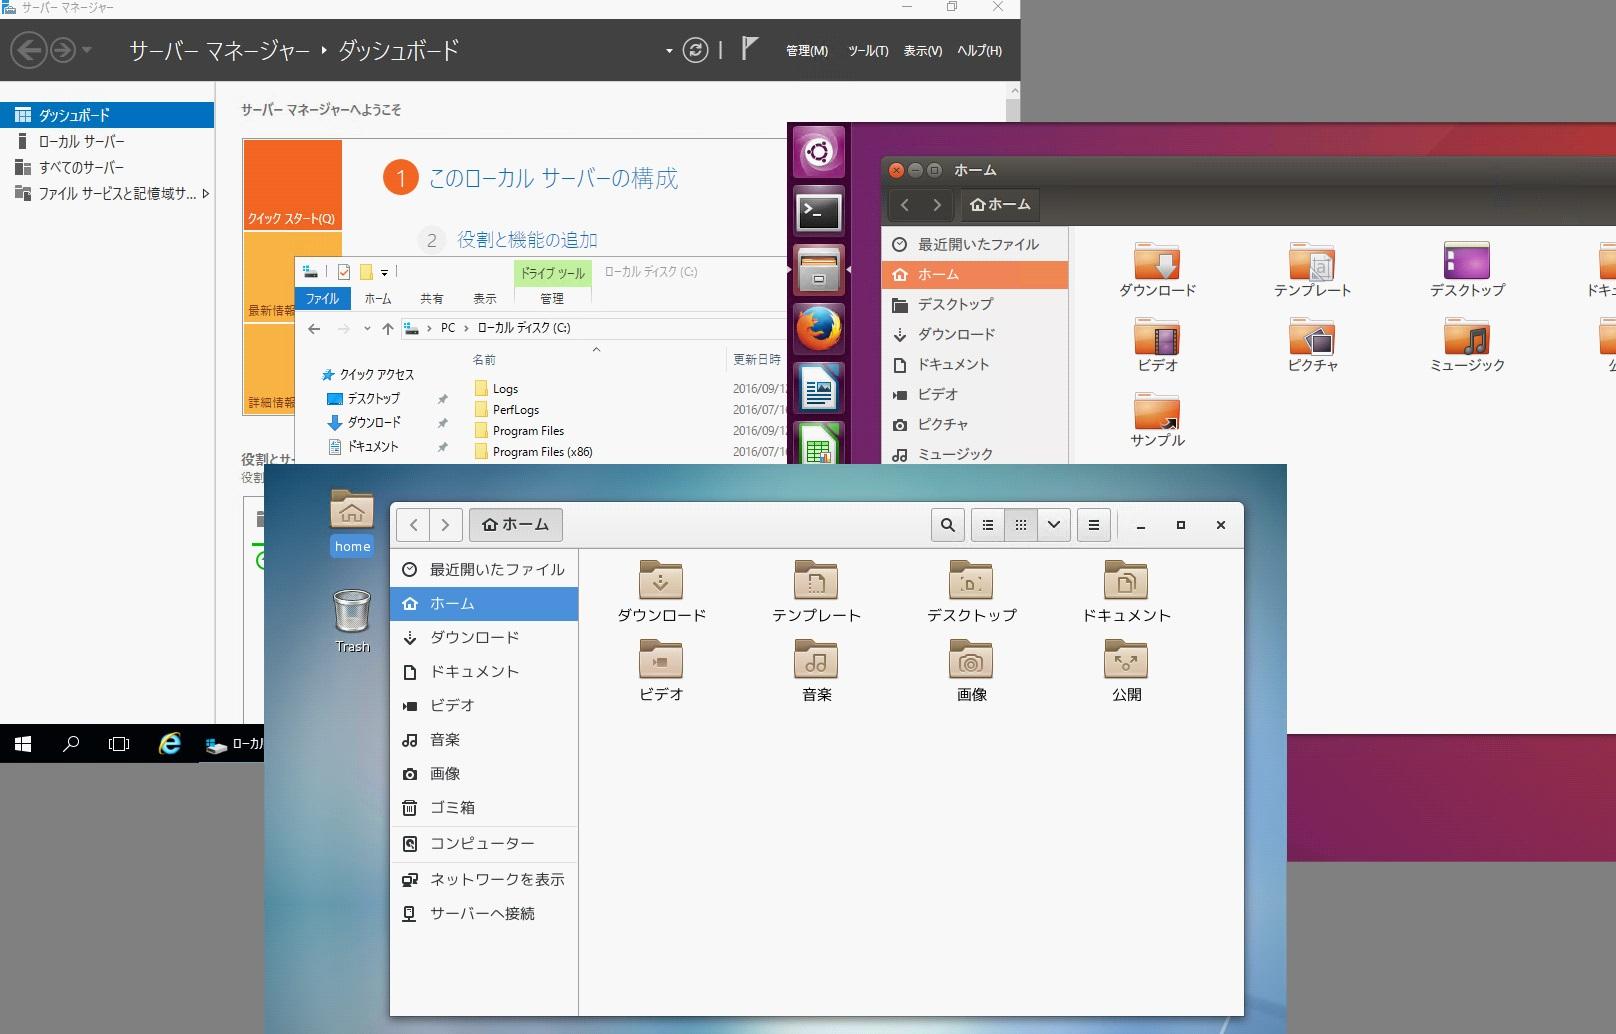 (04.jpg 様々OSとデスクトップ)